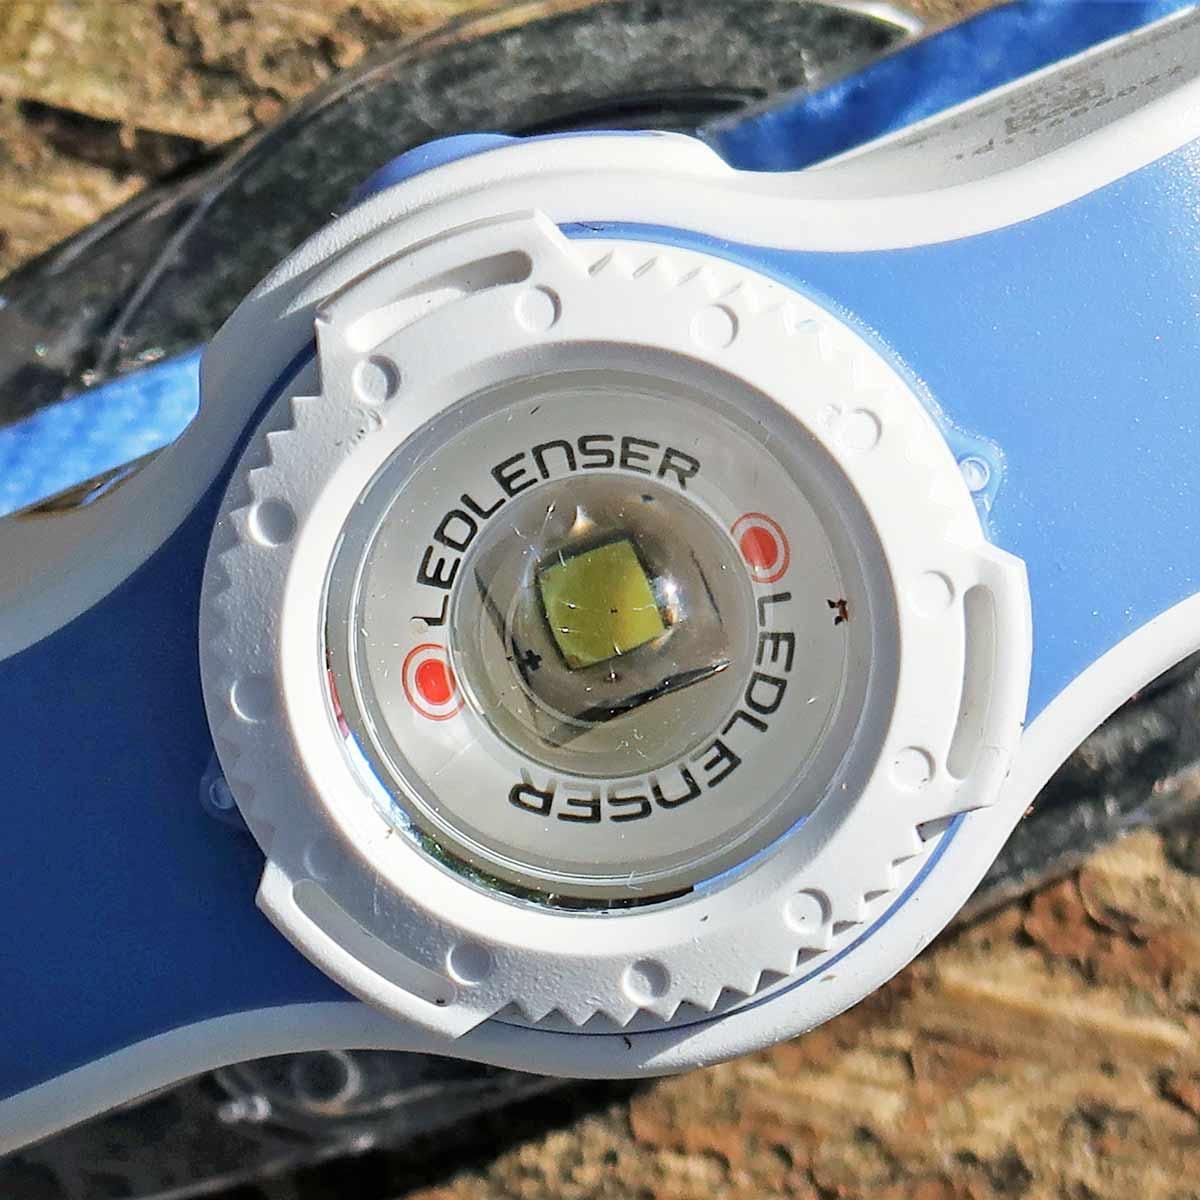 さすがレッドレンザーのヘッドランプ! 照射範囲や距離を変えられる「MH5」は納得の完成度!!